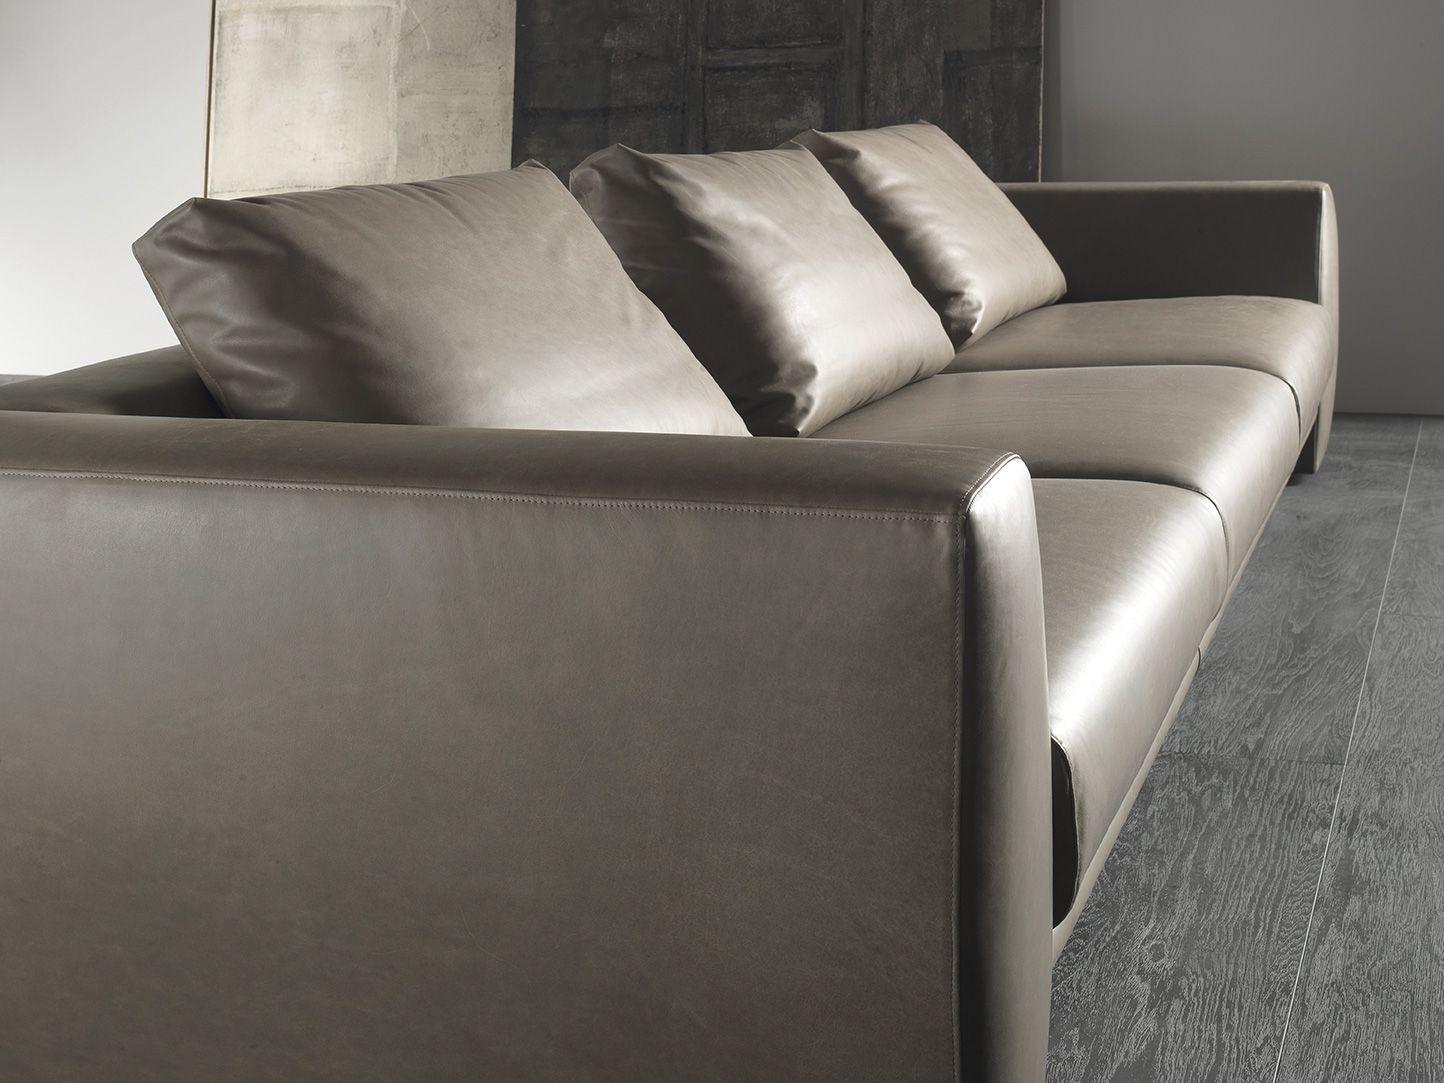 Pin di Acerbis International su Hyper Sofa Divani